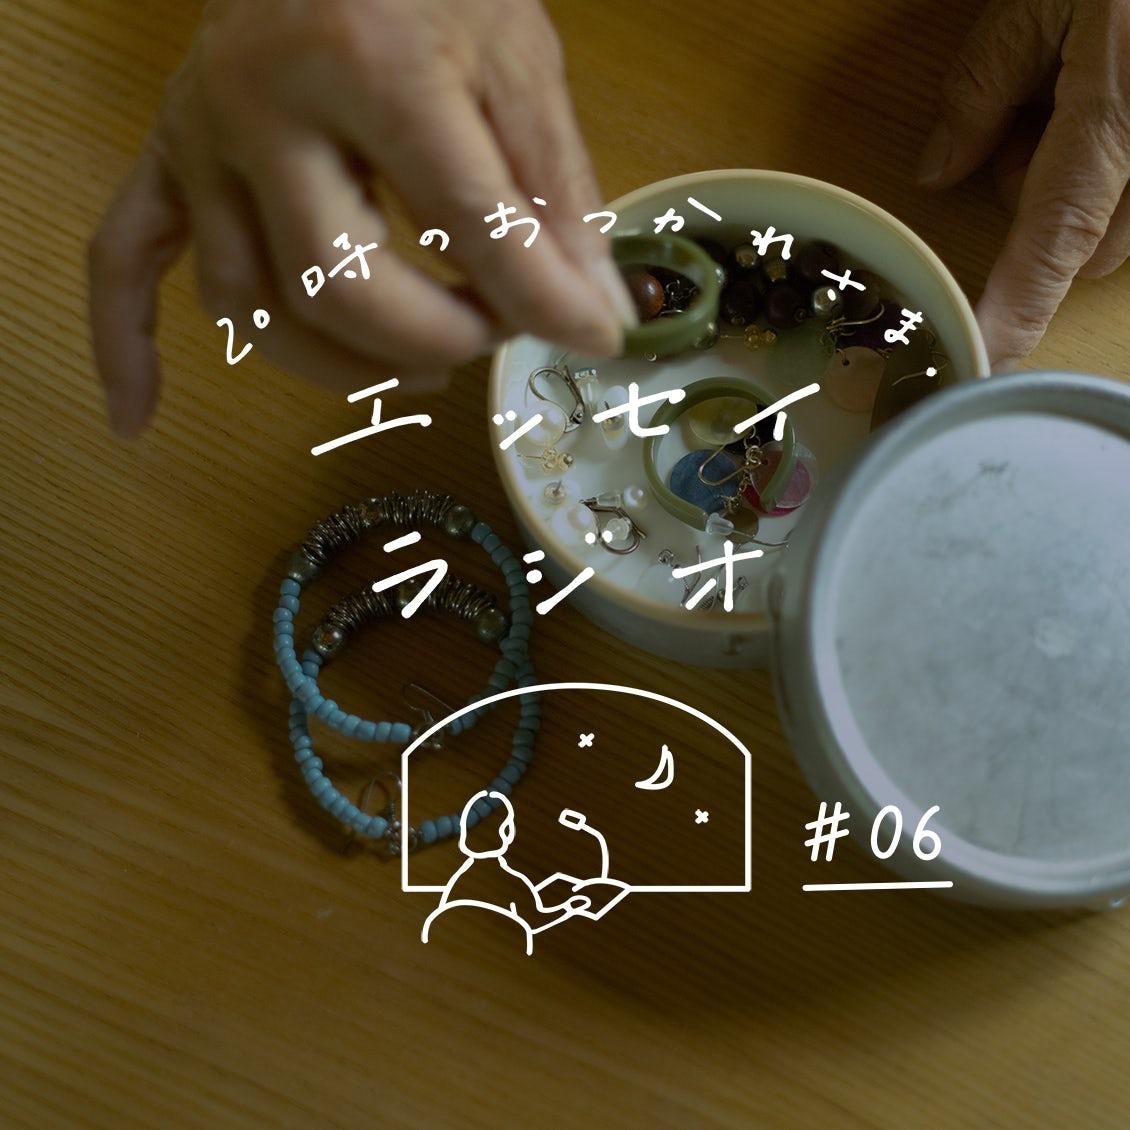 【エッセイラジオ】第6夜:徳田 民子さんのエッセイ「ピアスが教えてくれたこと」(読み手:スタッフ齋藤)